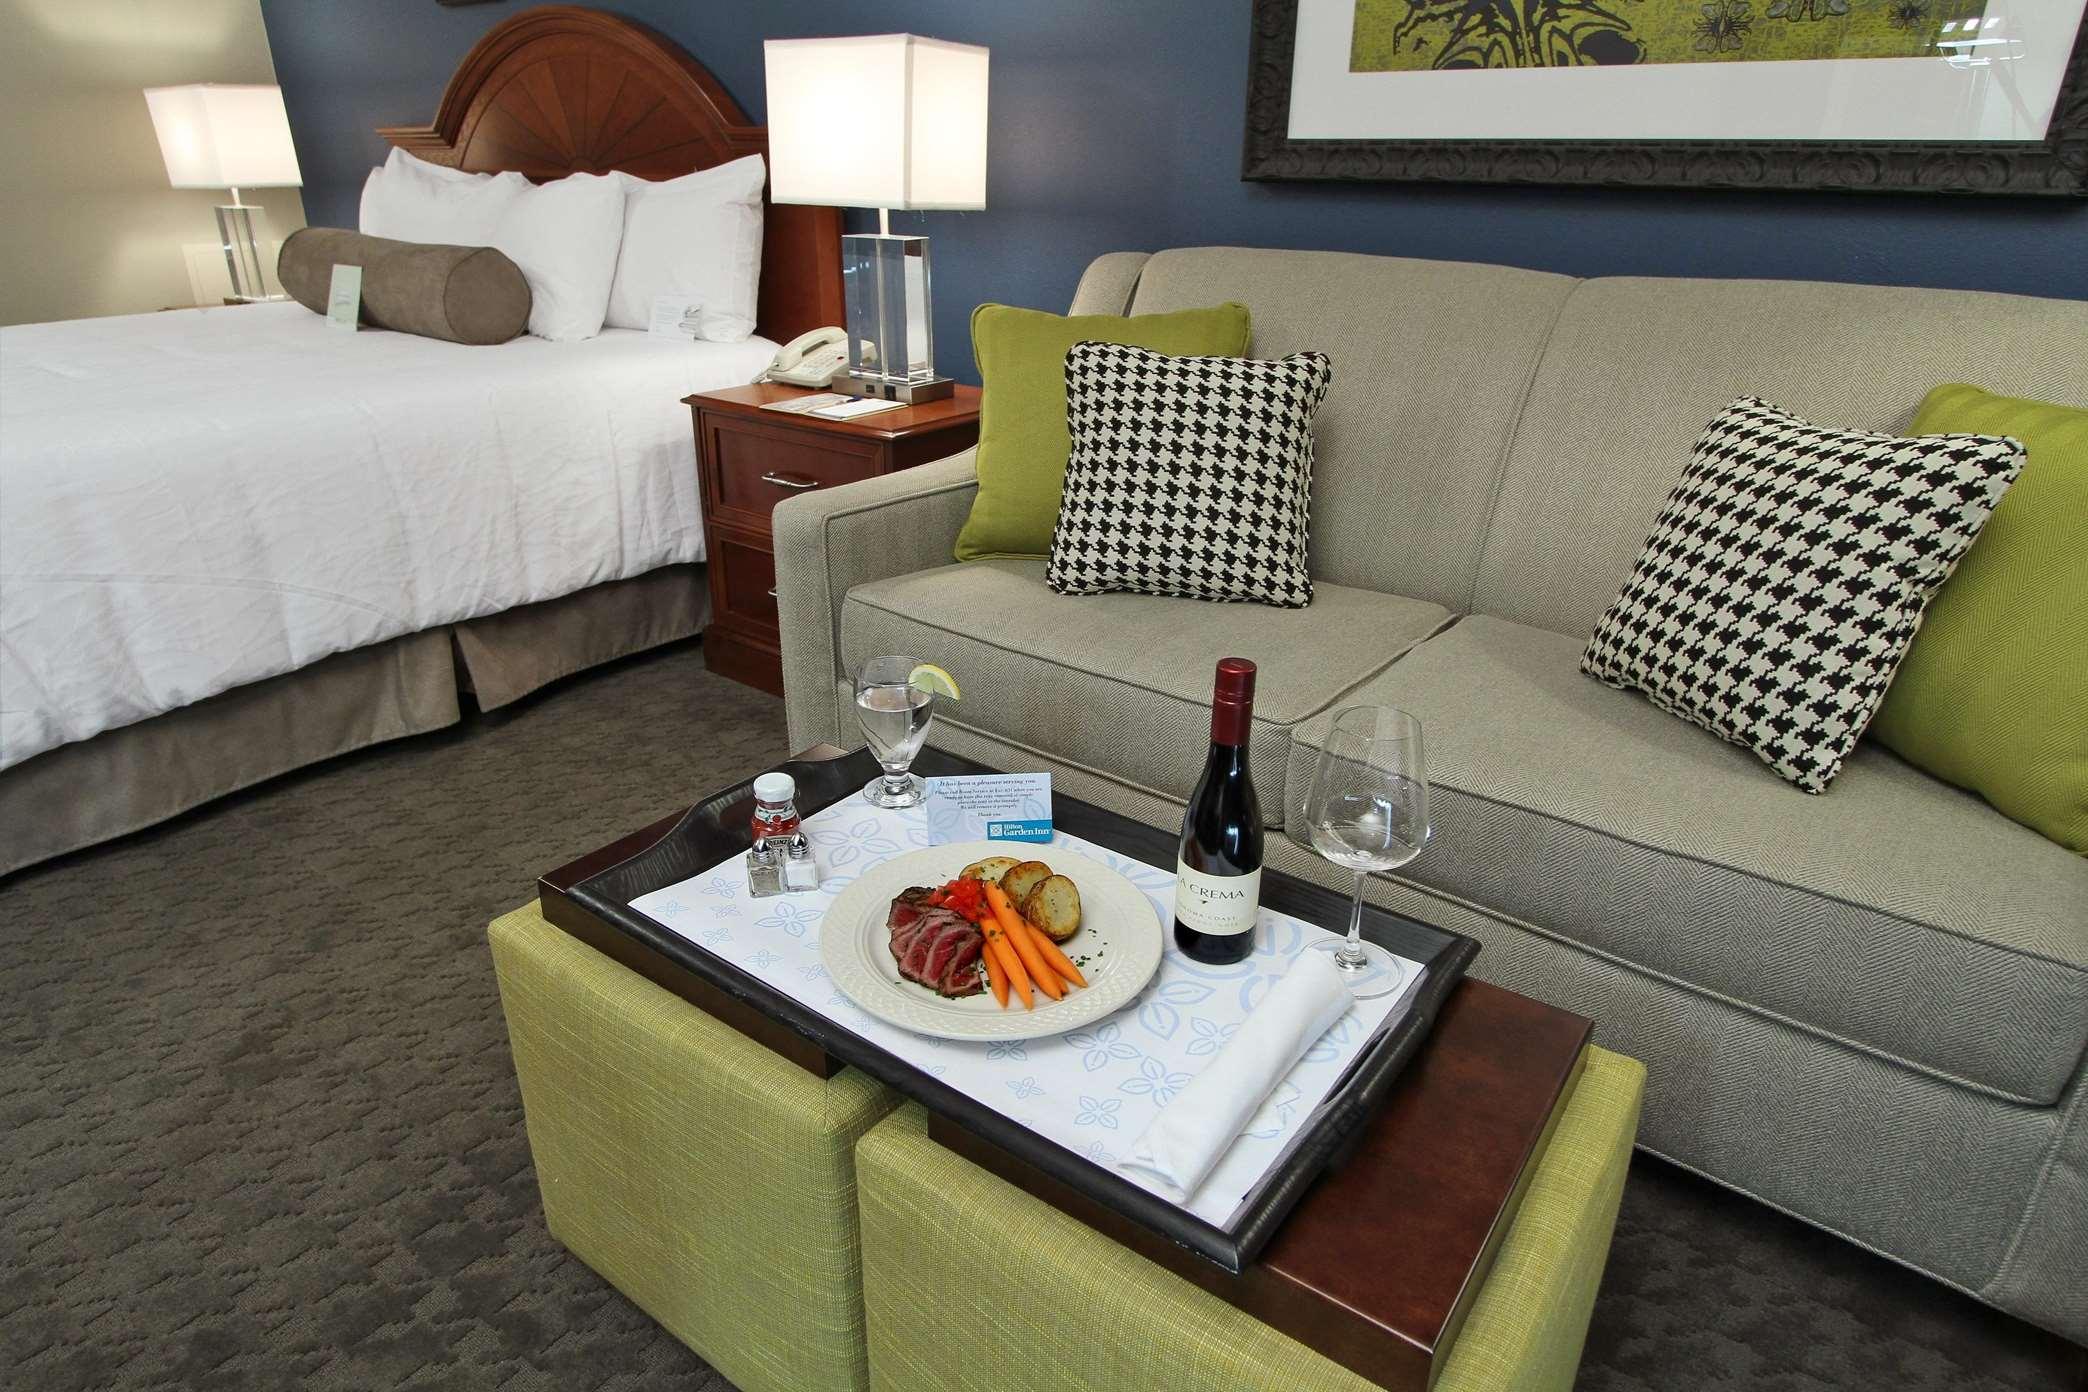 Hilton Garden Inn Westbury 1575 Privado Road Westbury, NY Hotels U0026 Motels    MapQuest